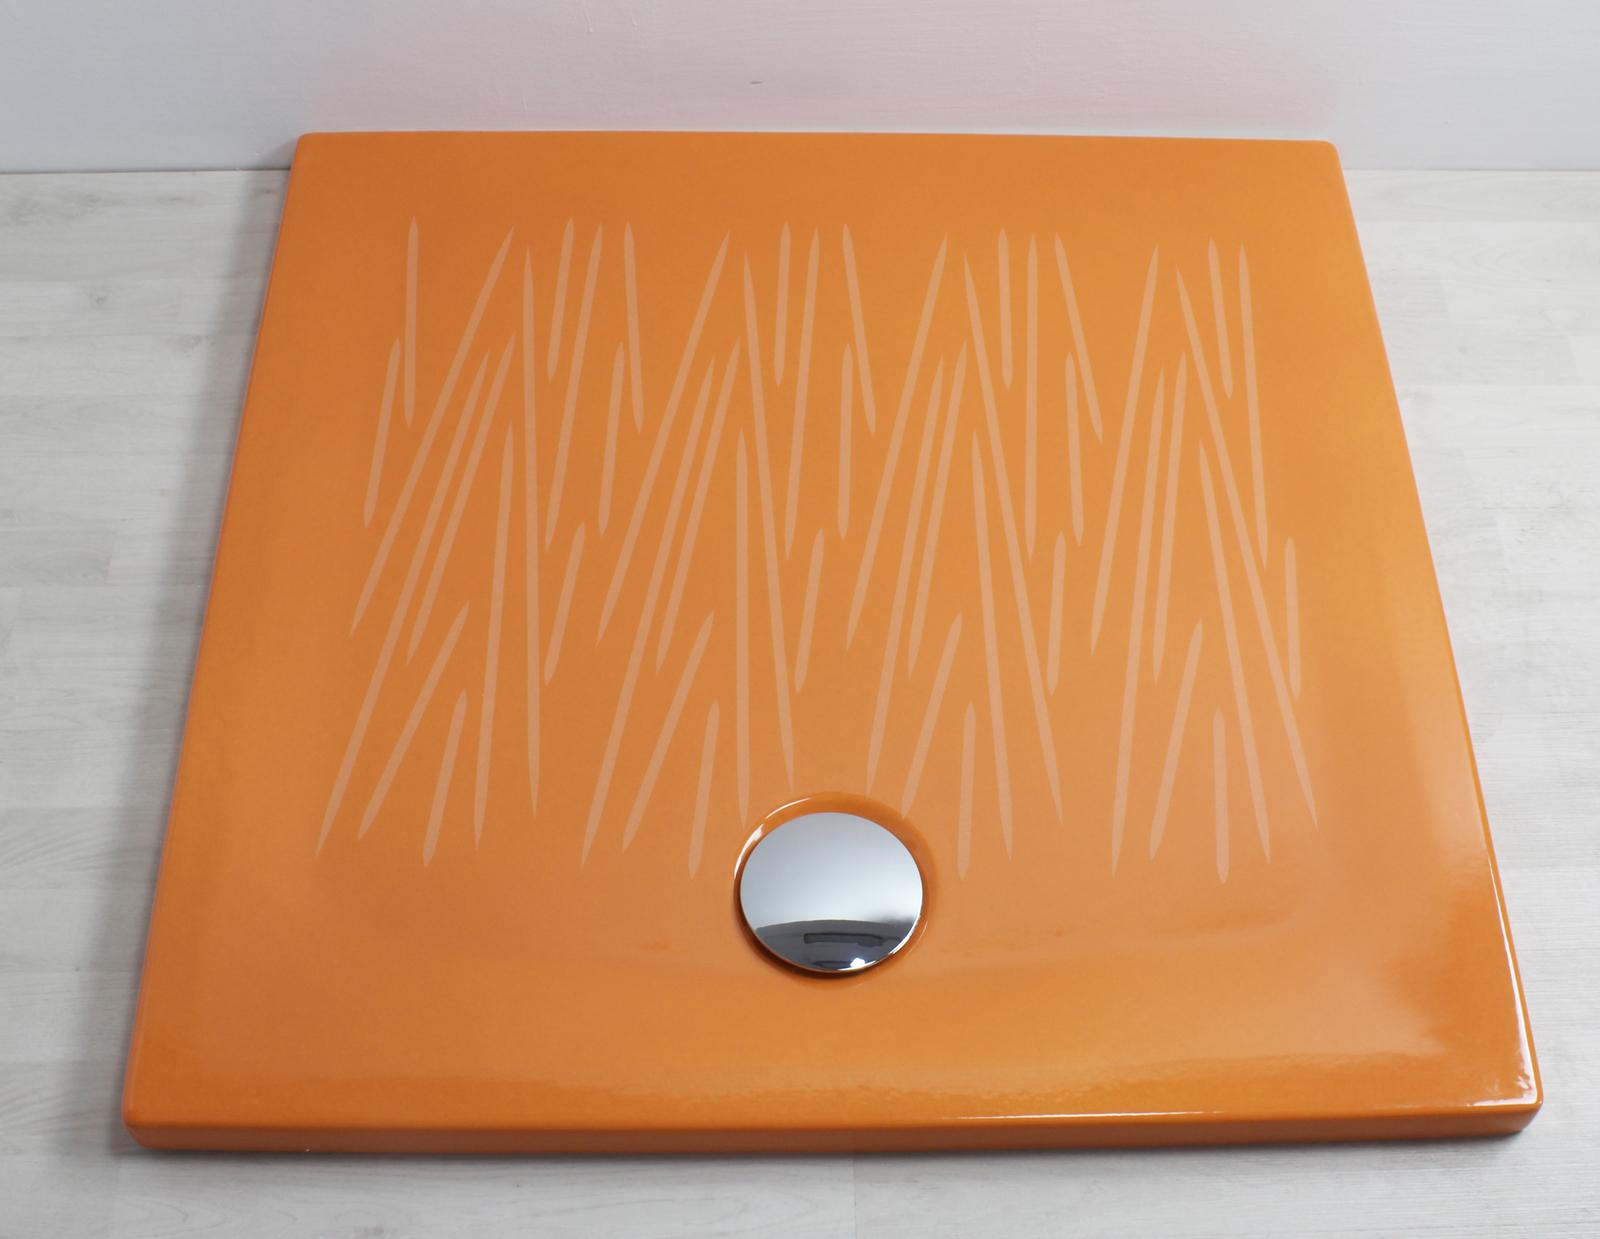 Piatto doccia filo 90x90 arancio - Piatto doccia a filo ...